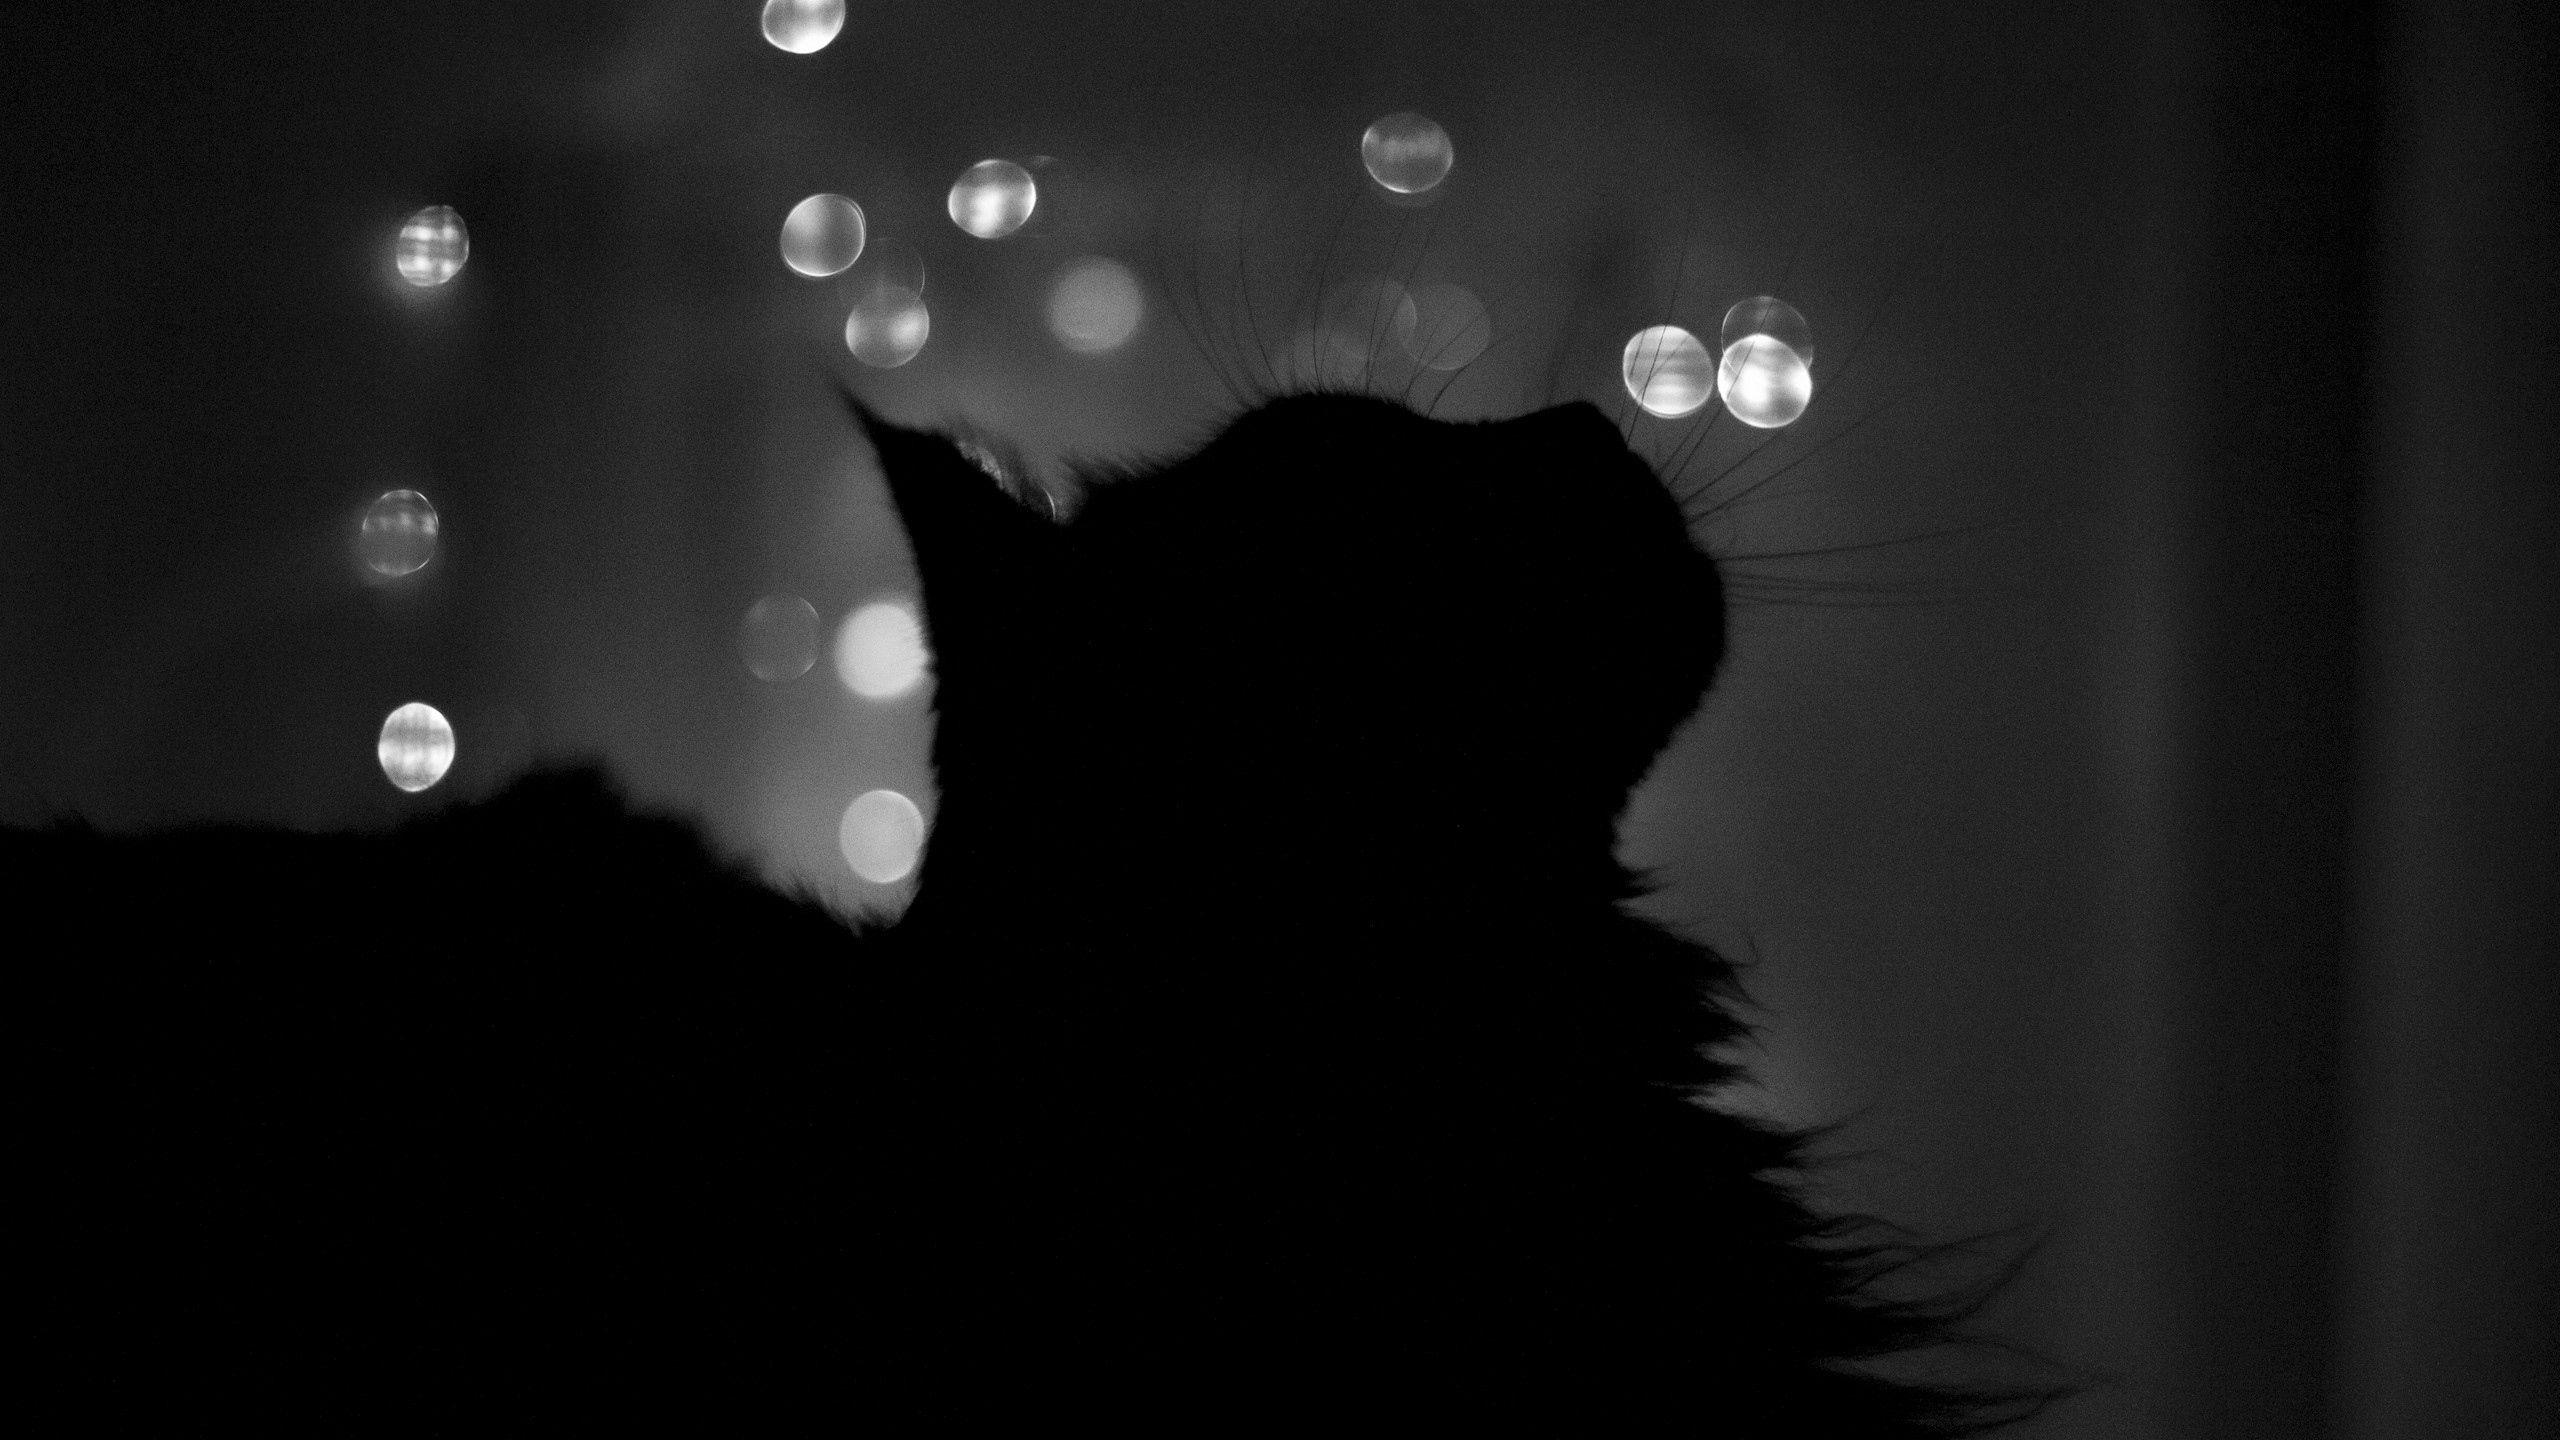 140474 Hintergrundbild herunterladen Züge, Blendung, Der Kater, Katze, Schatten, Bw, Chb, Funktionen - Bildschirmschoner und Bilder kostenlos